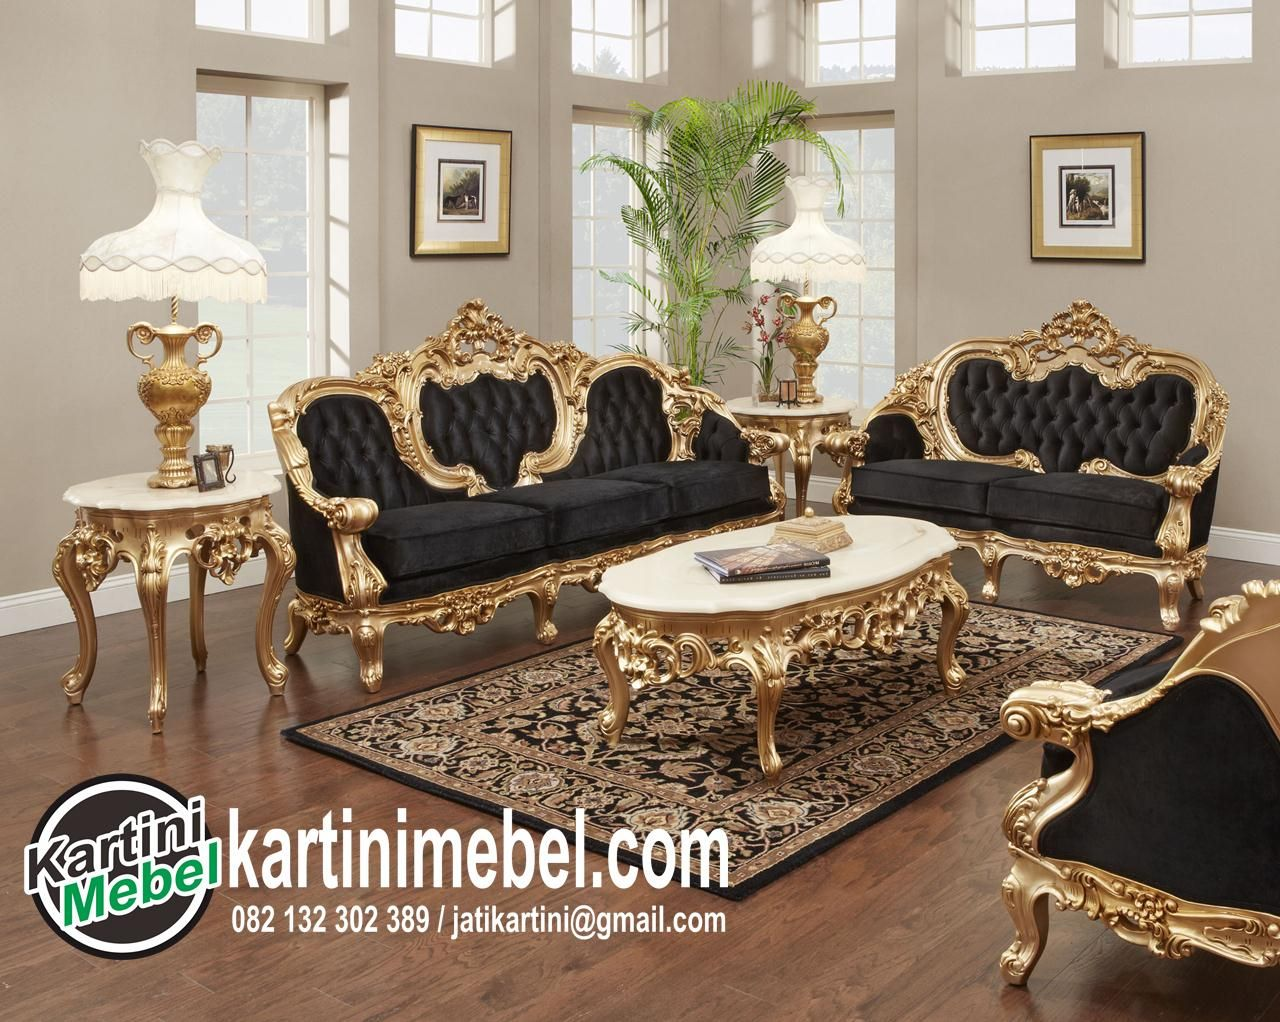 Harga Yang Terdapat Pada Kursi Tamu Sofa Terbaru Classic Vanexia